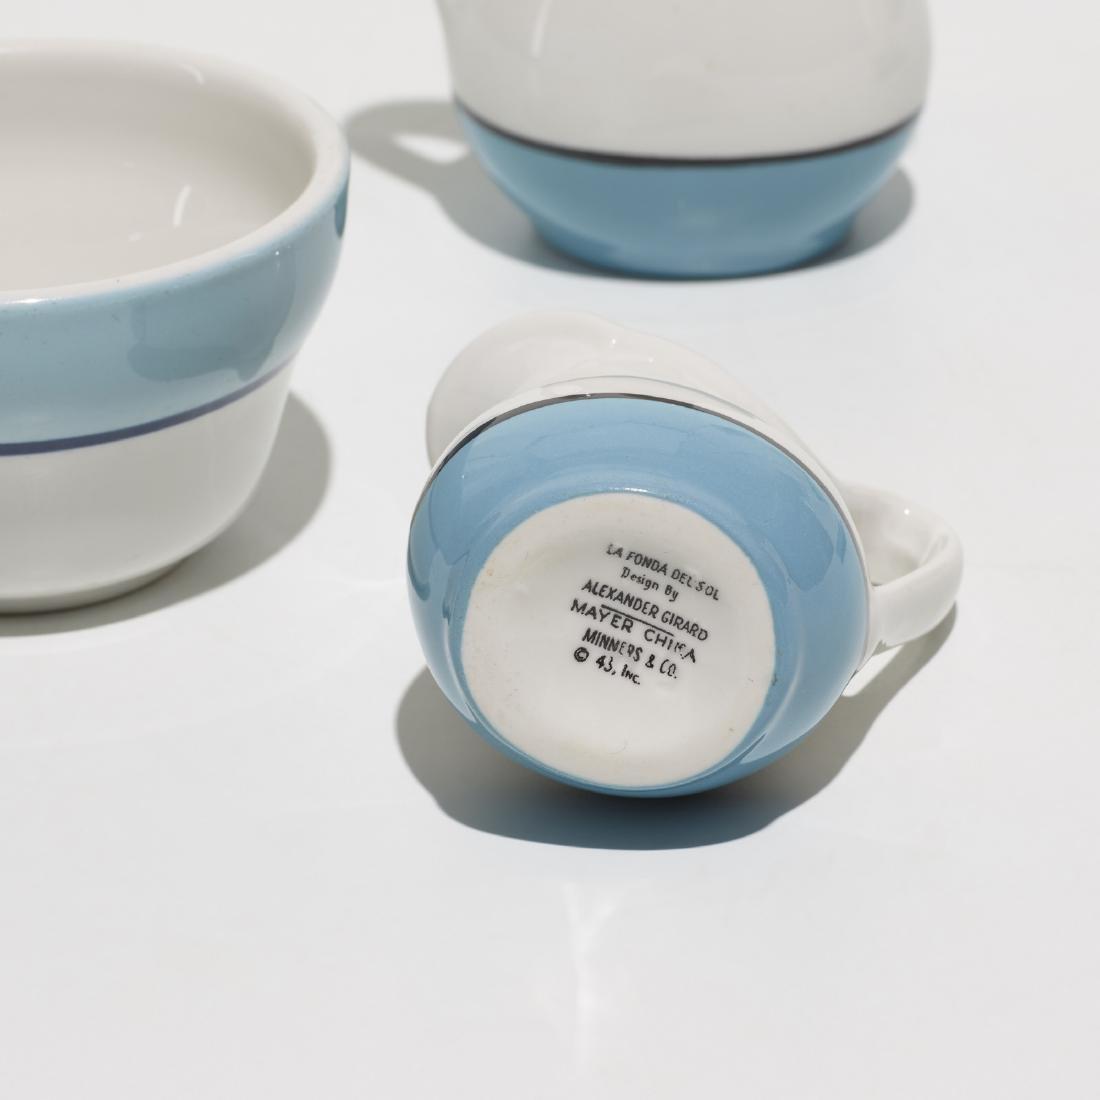 Girard, collection of tableware, La Fonda del Sol - 2